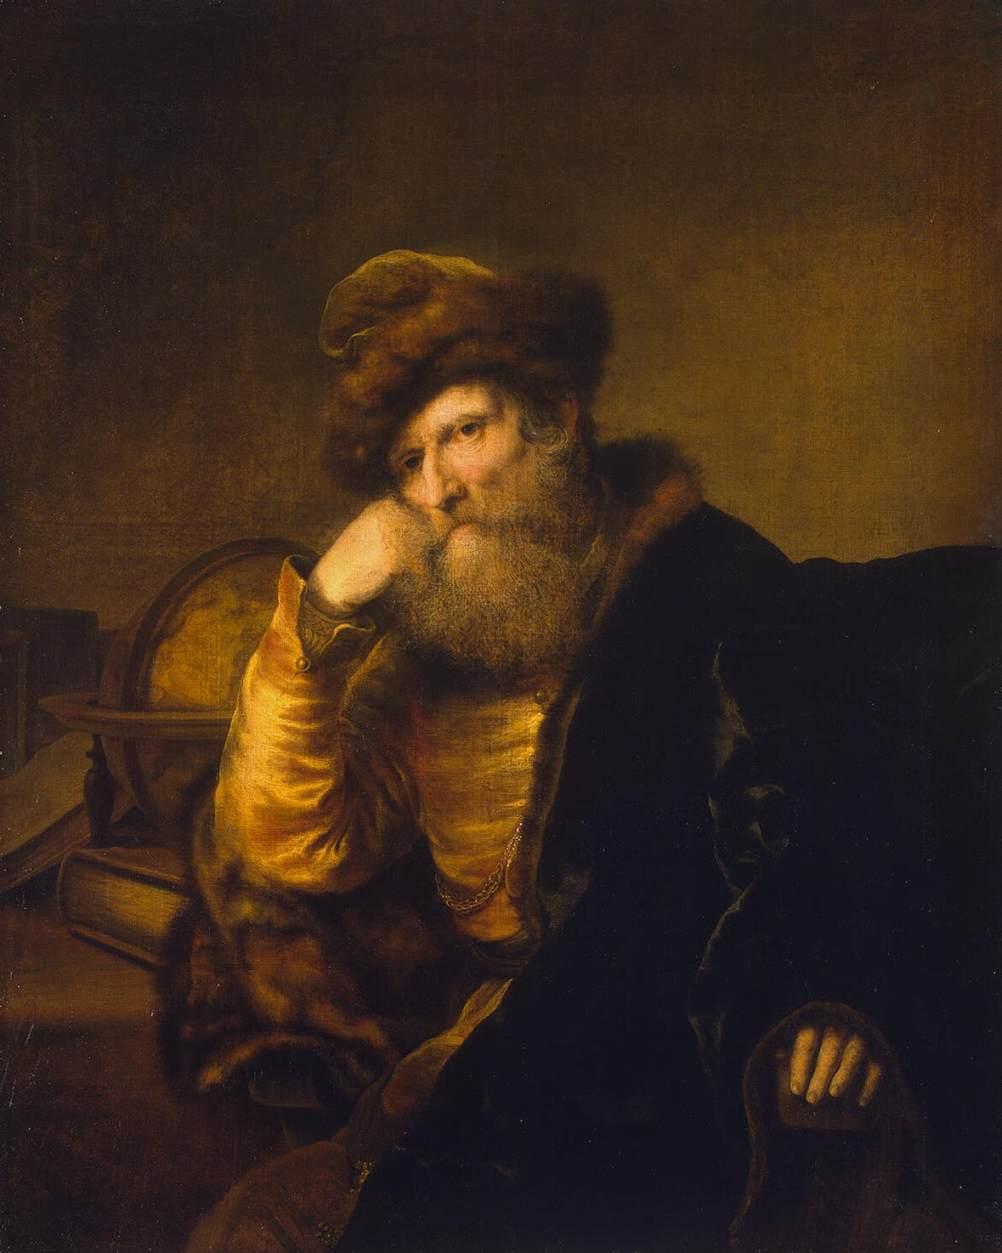 Ferdinand_Bol_-_Portrait_of_a_Scholar_-_WGA2365.jpg